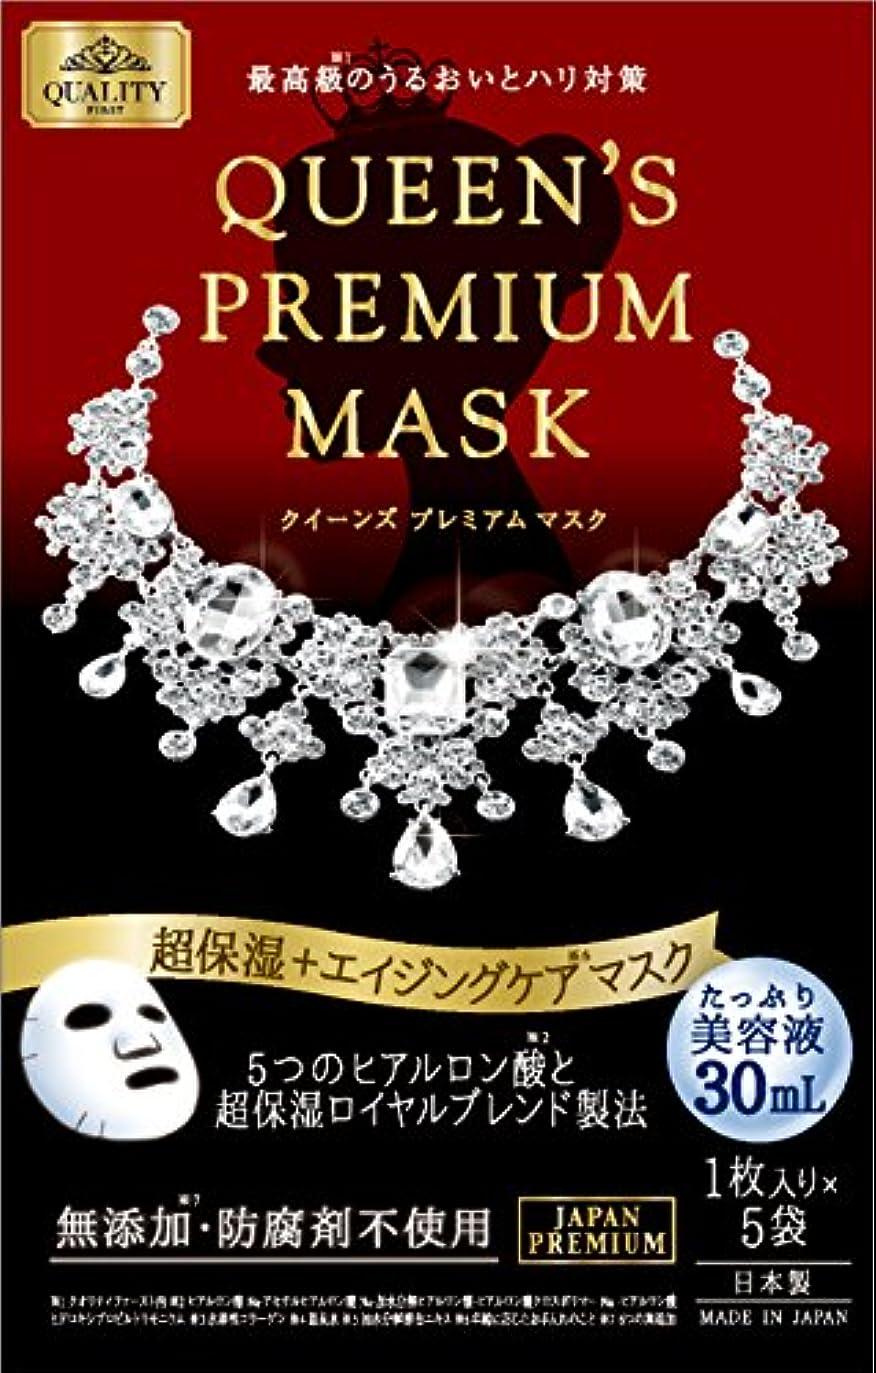 カメ戻るコースクイーンズプレミアムマスク 超保湿マスク 5枚入